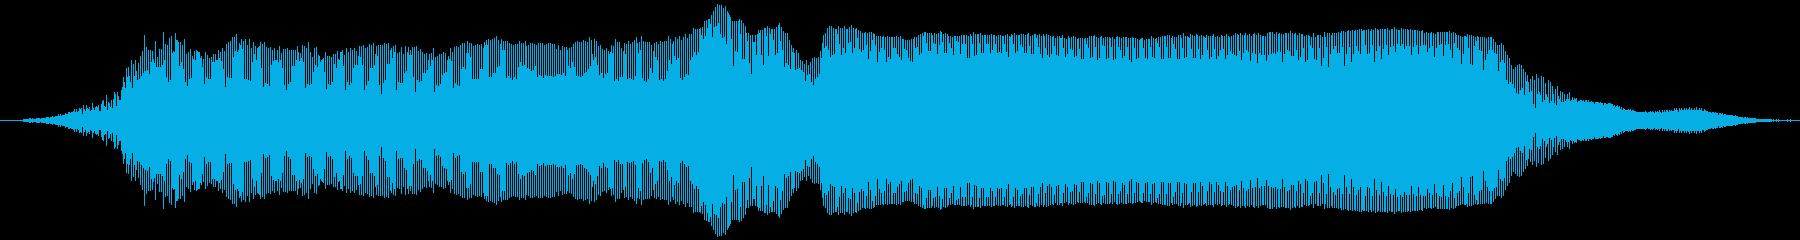 こぶし04(D#)の再生済みの波形